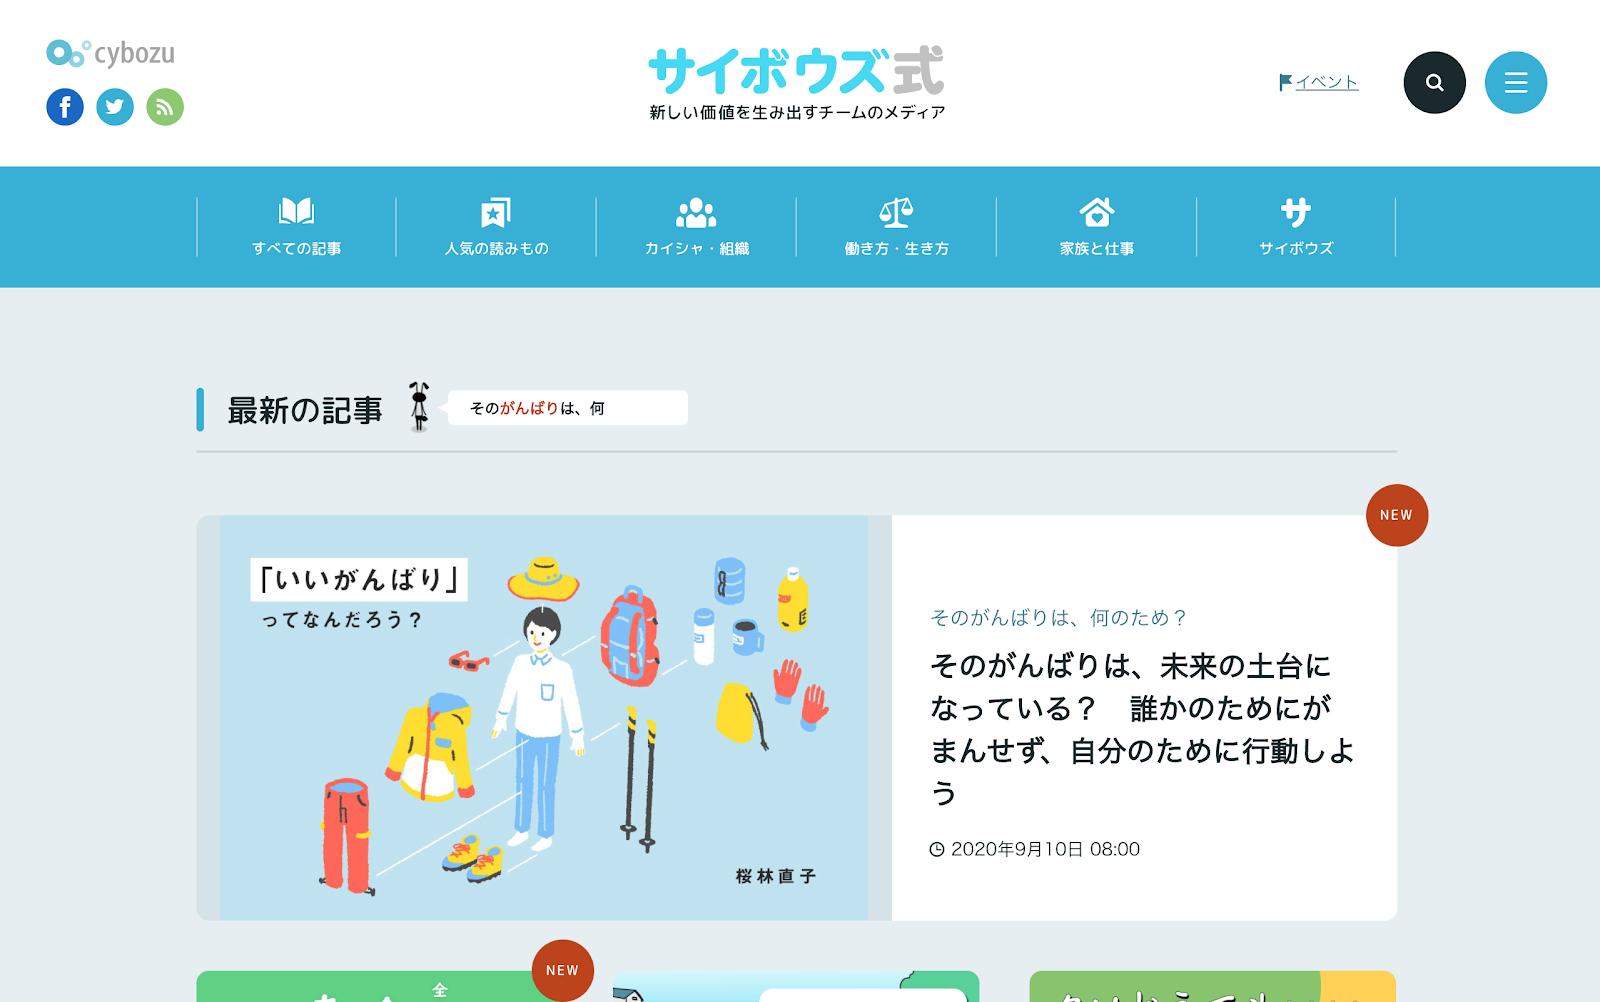 サイボウズ式のWebサイト